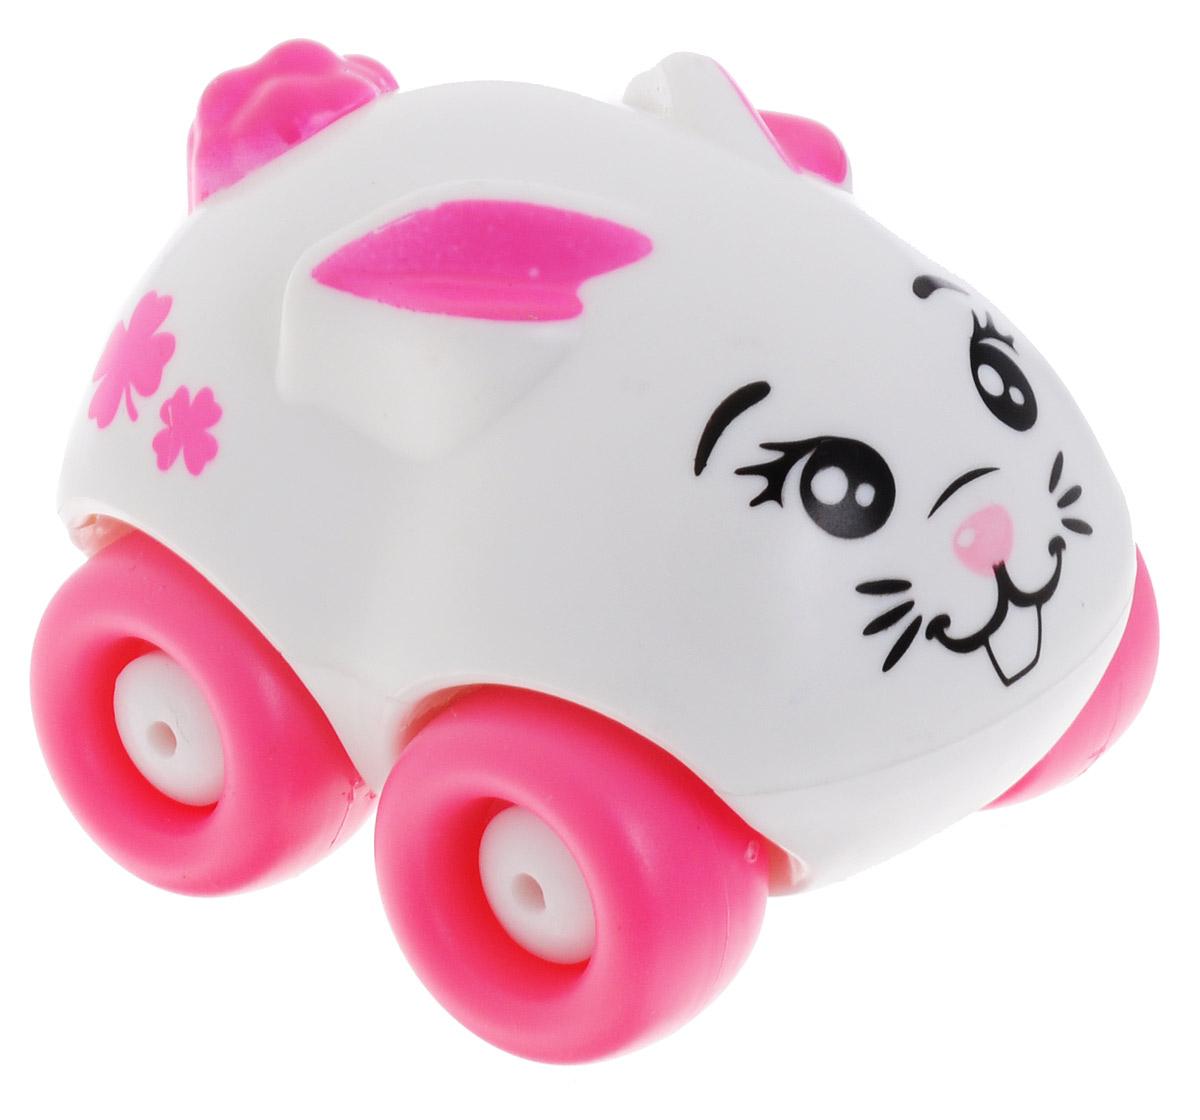 Машинка Smoby Animal Planet: Зайчик, цвет: белый, розовый